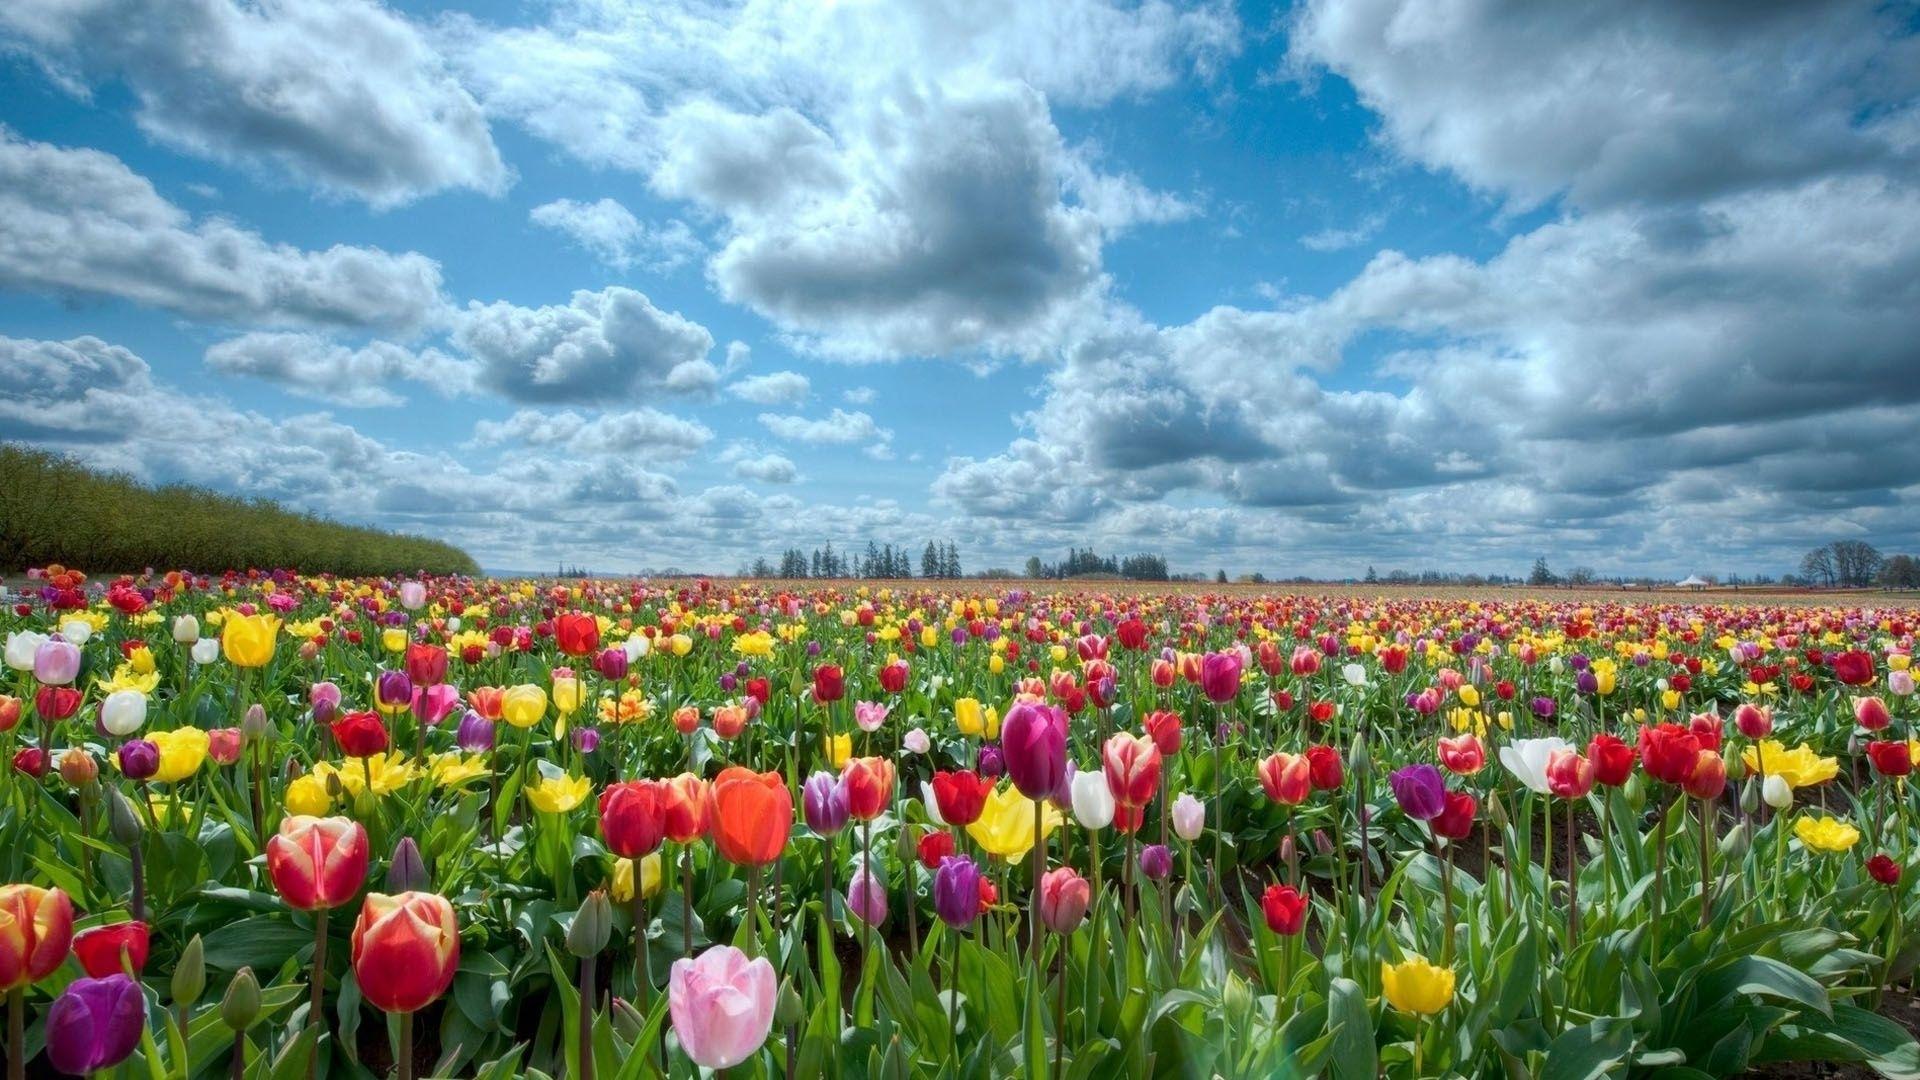 field of flowers background | hd-wallpapers-field-of-flowers